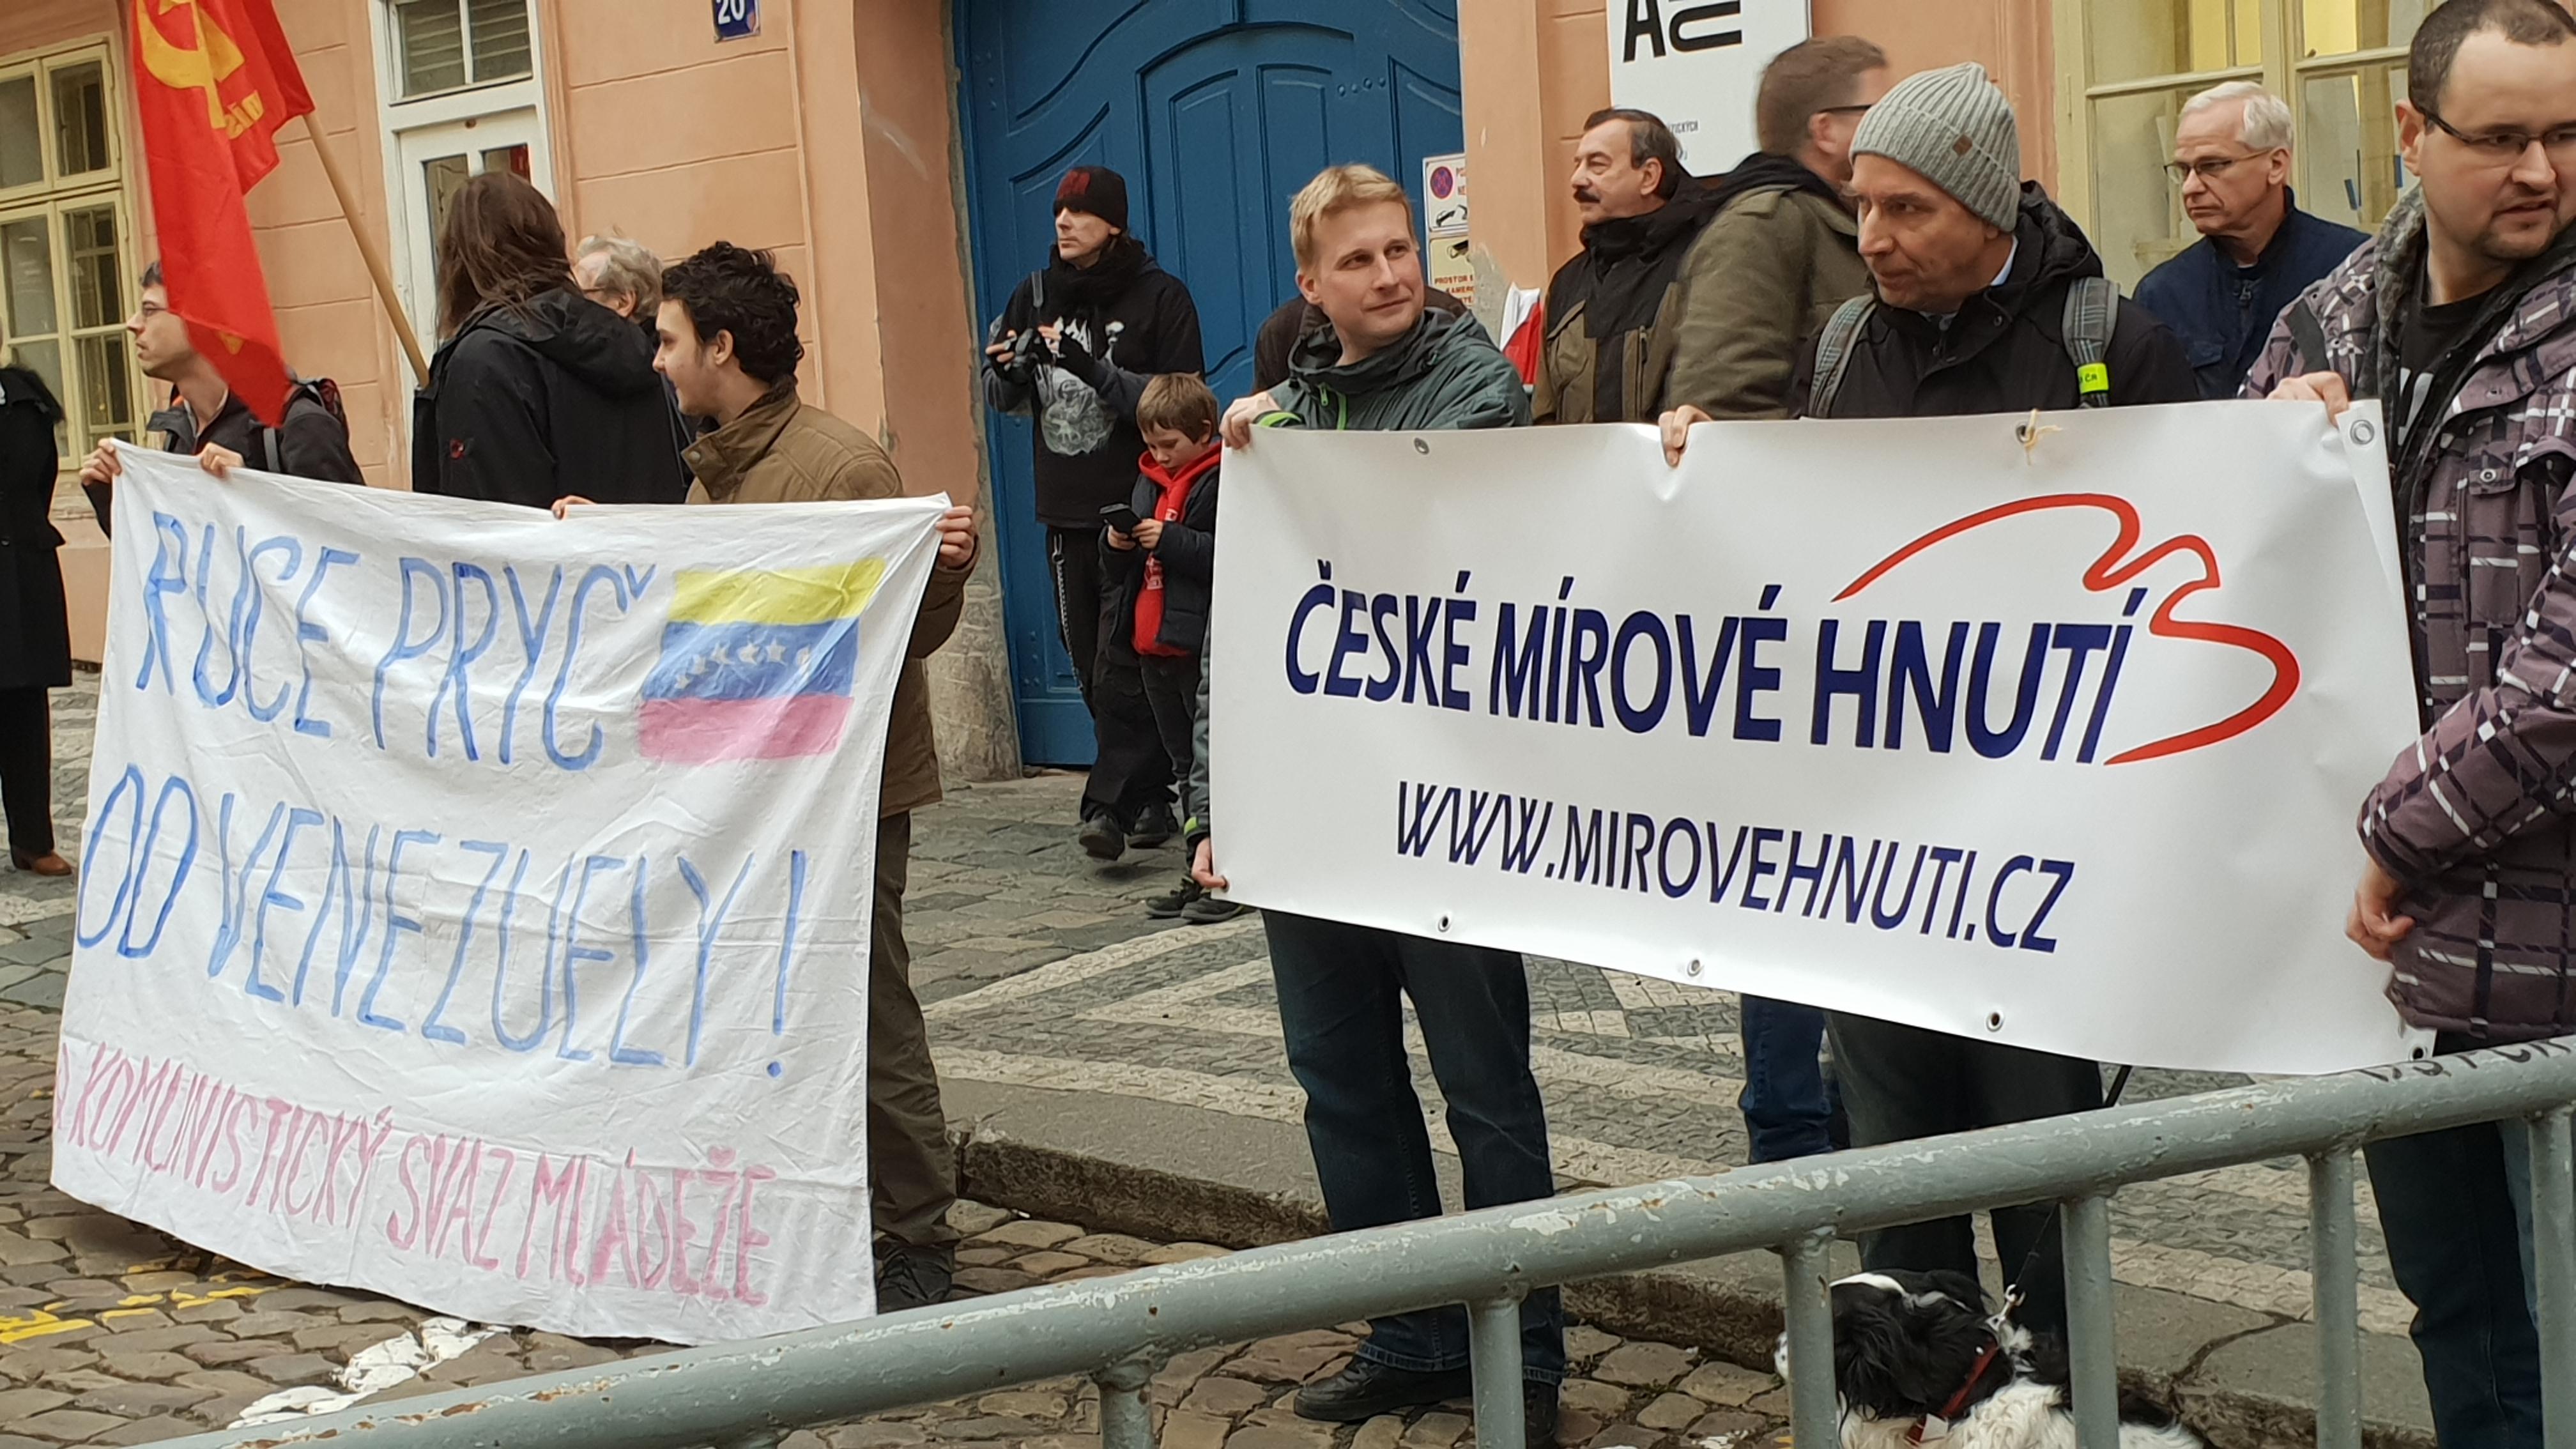 Vyjádření protestu proti US politice vůči Venezuele na Malé Straně v Praze